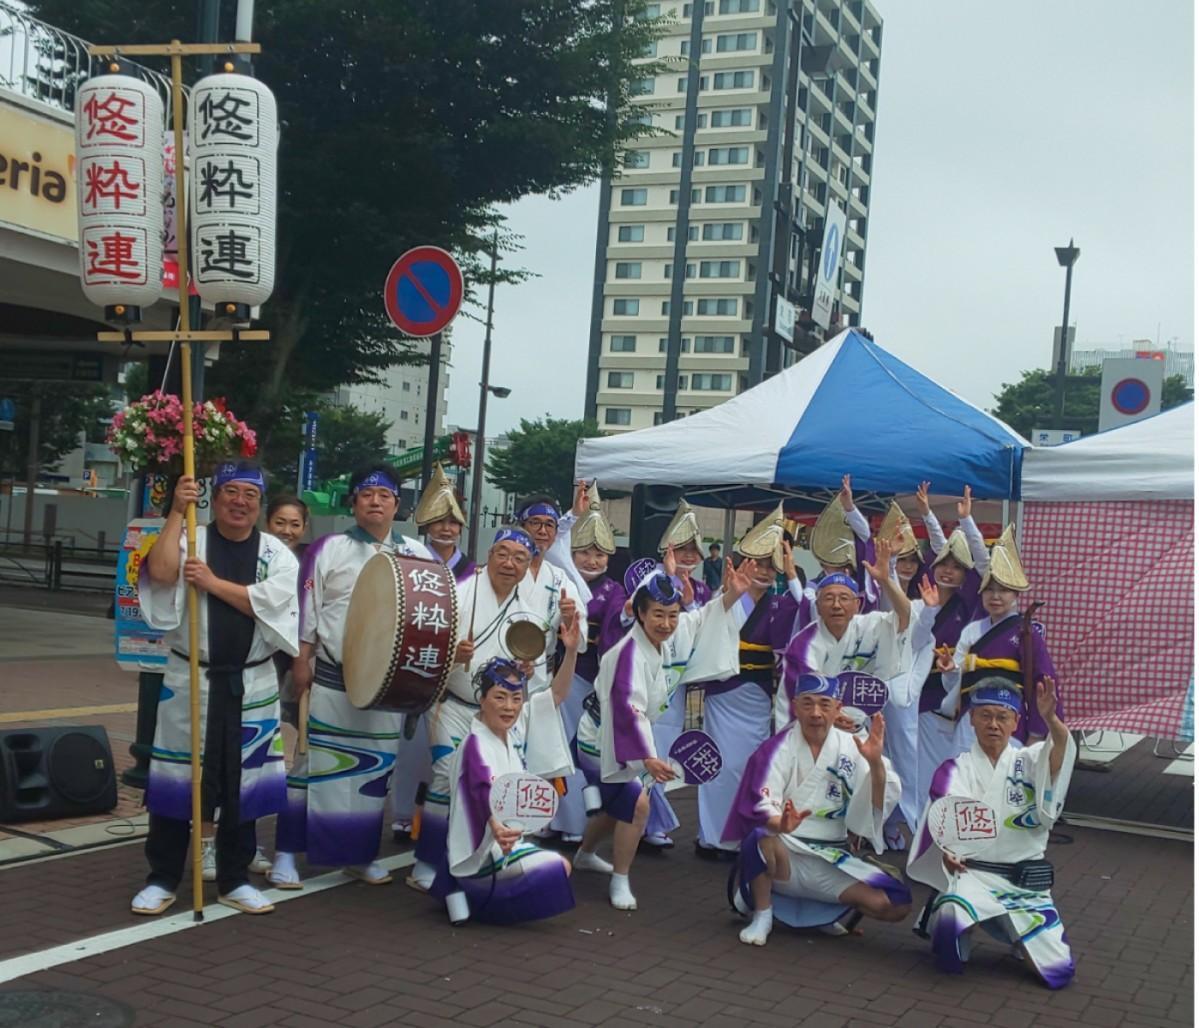 7日の「福島七夕まつり」で踊る「悠粋連」のメンバー